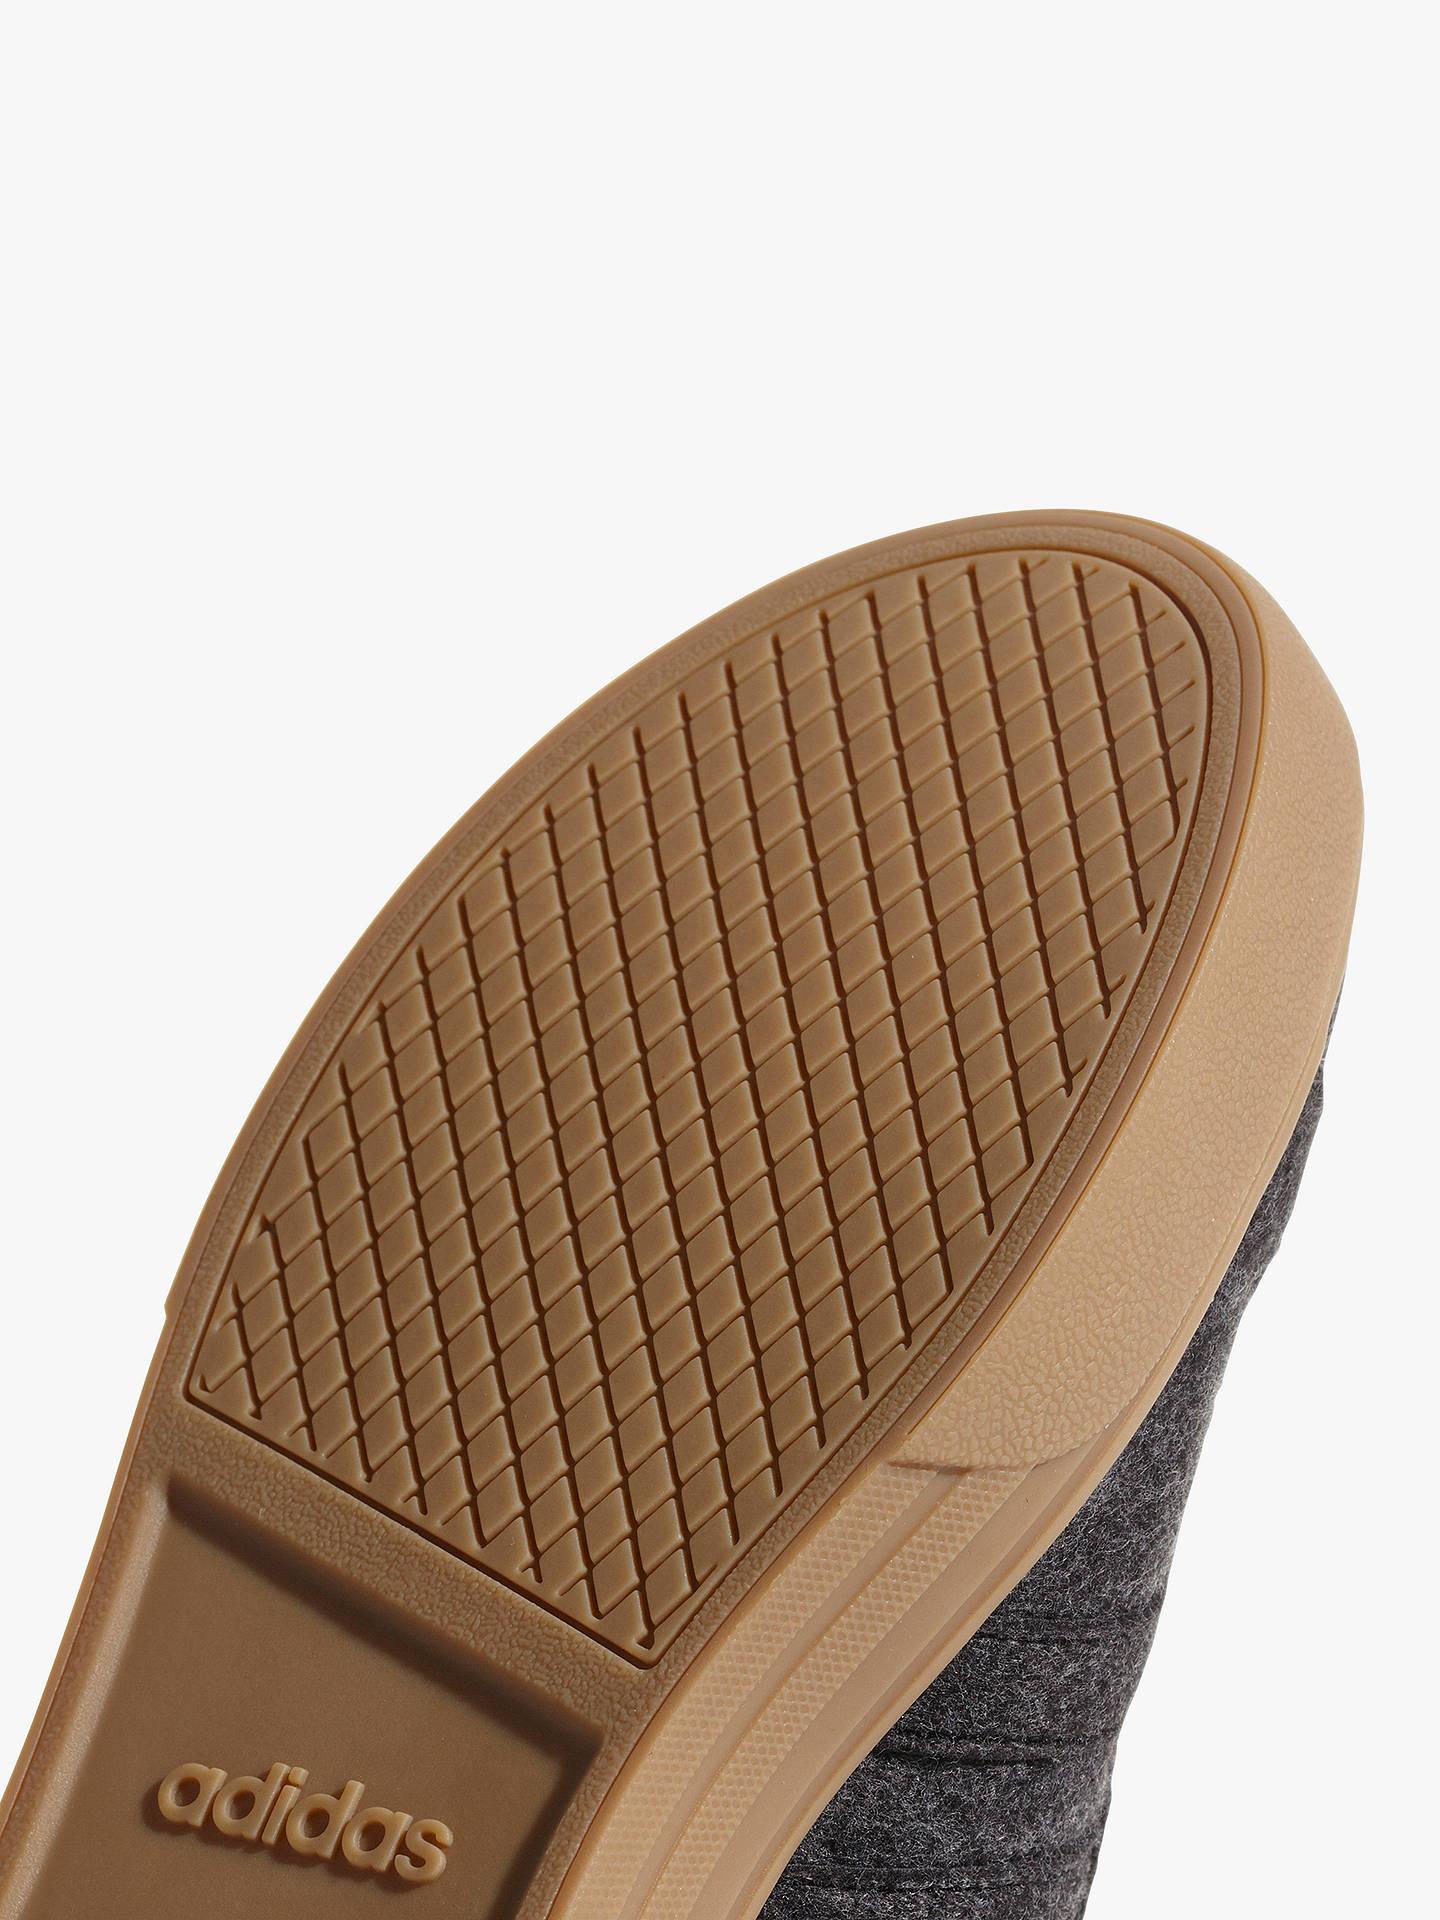 ADIDAS CORE HERREN Freizeit Fitness Schuhe Sneaker Daily 2.0